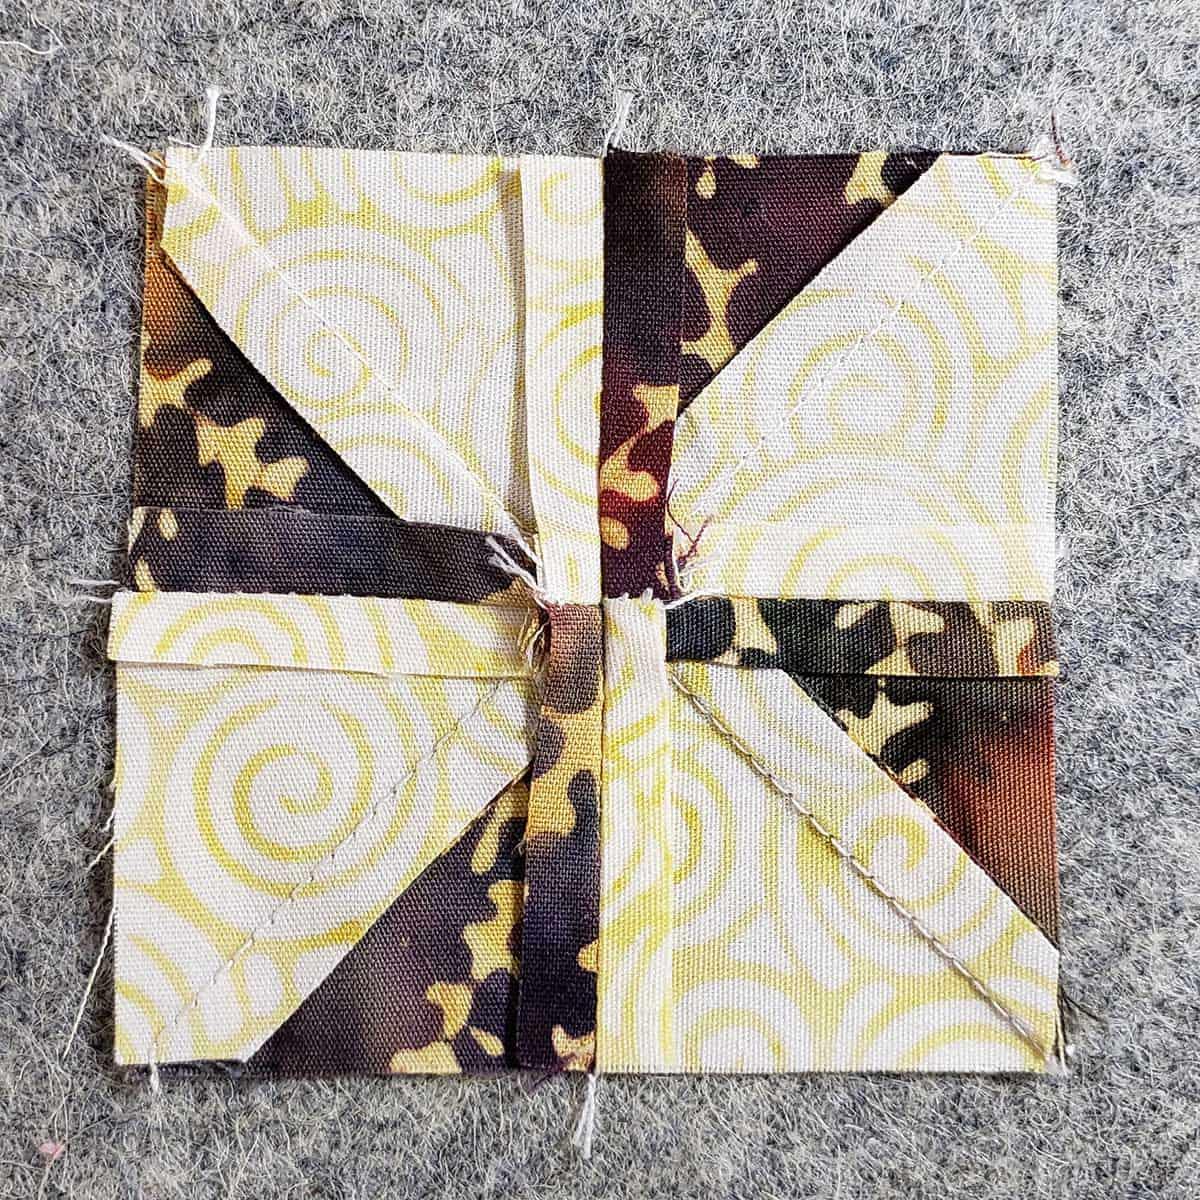 back of the pinwheel block